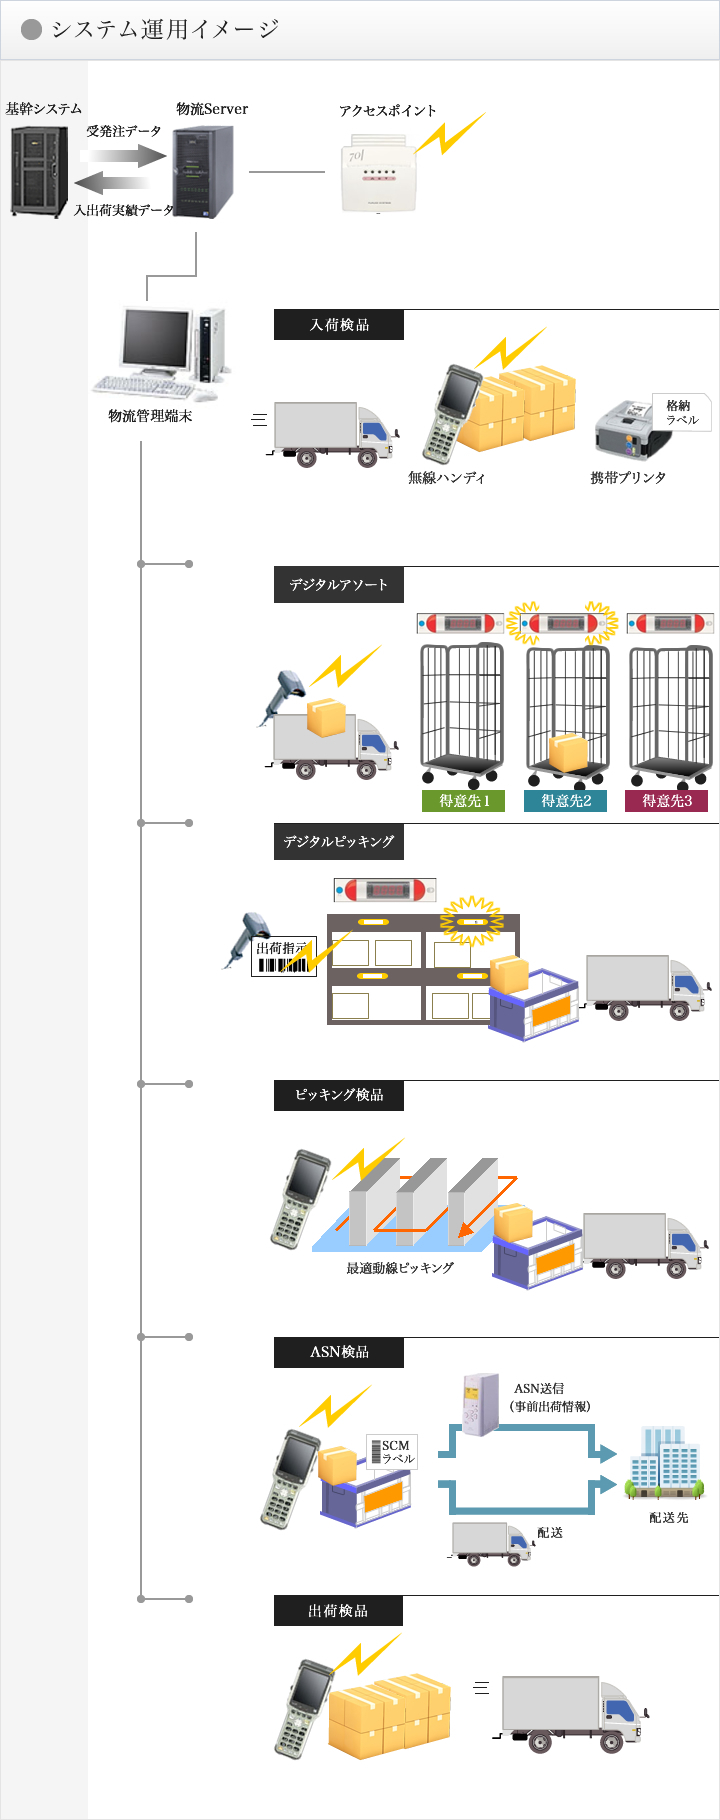 システム運用イメージ